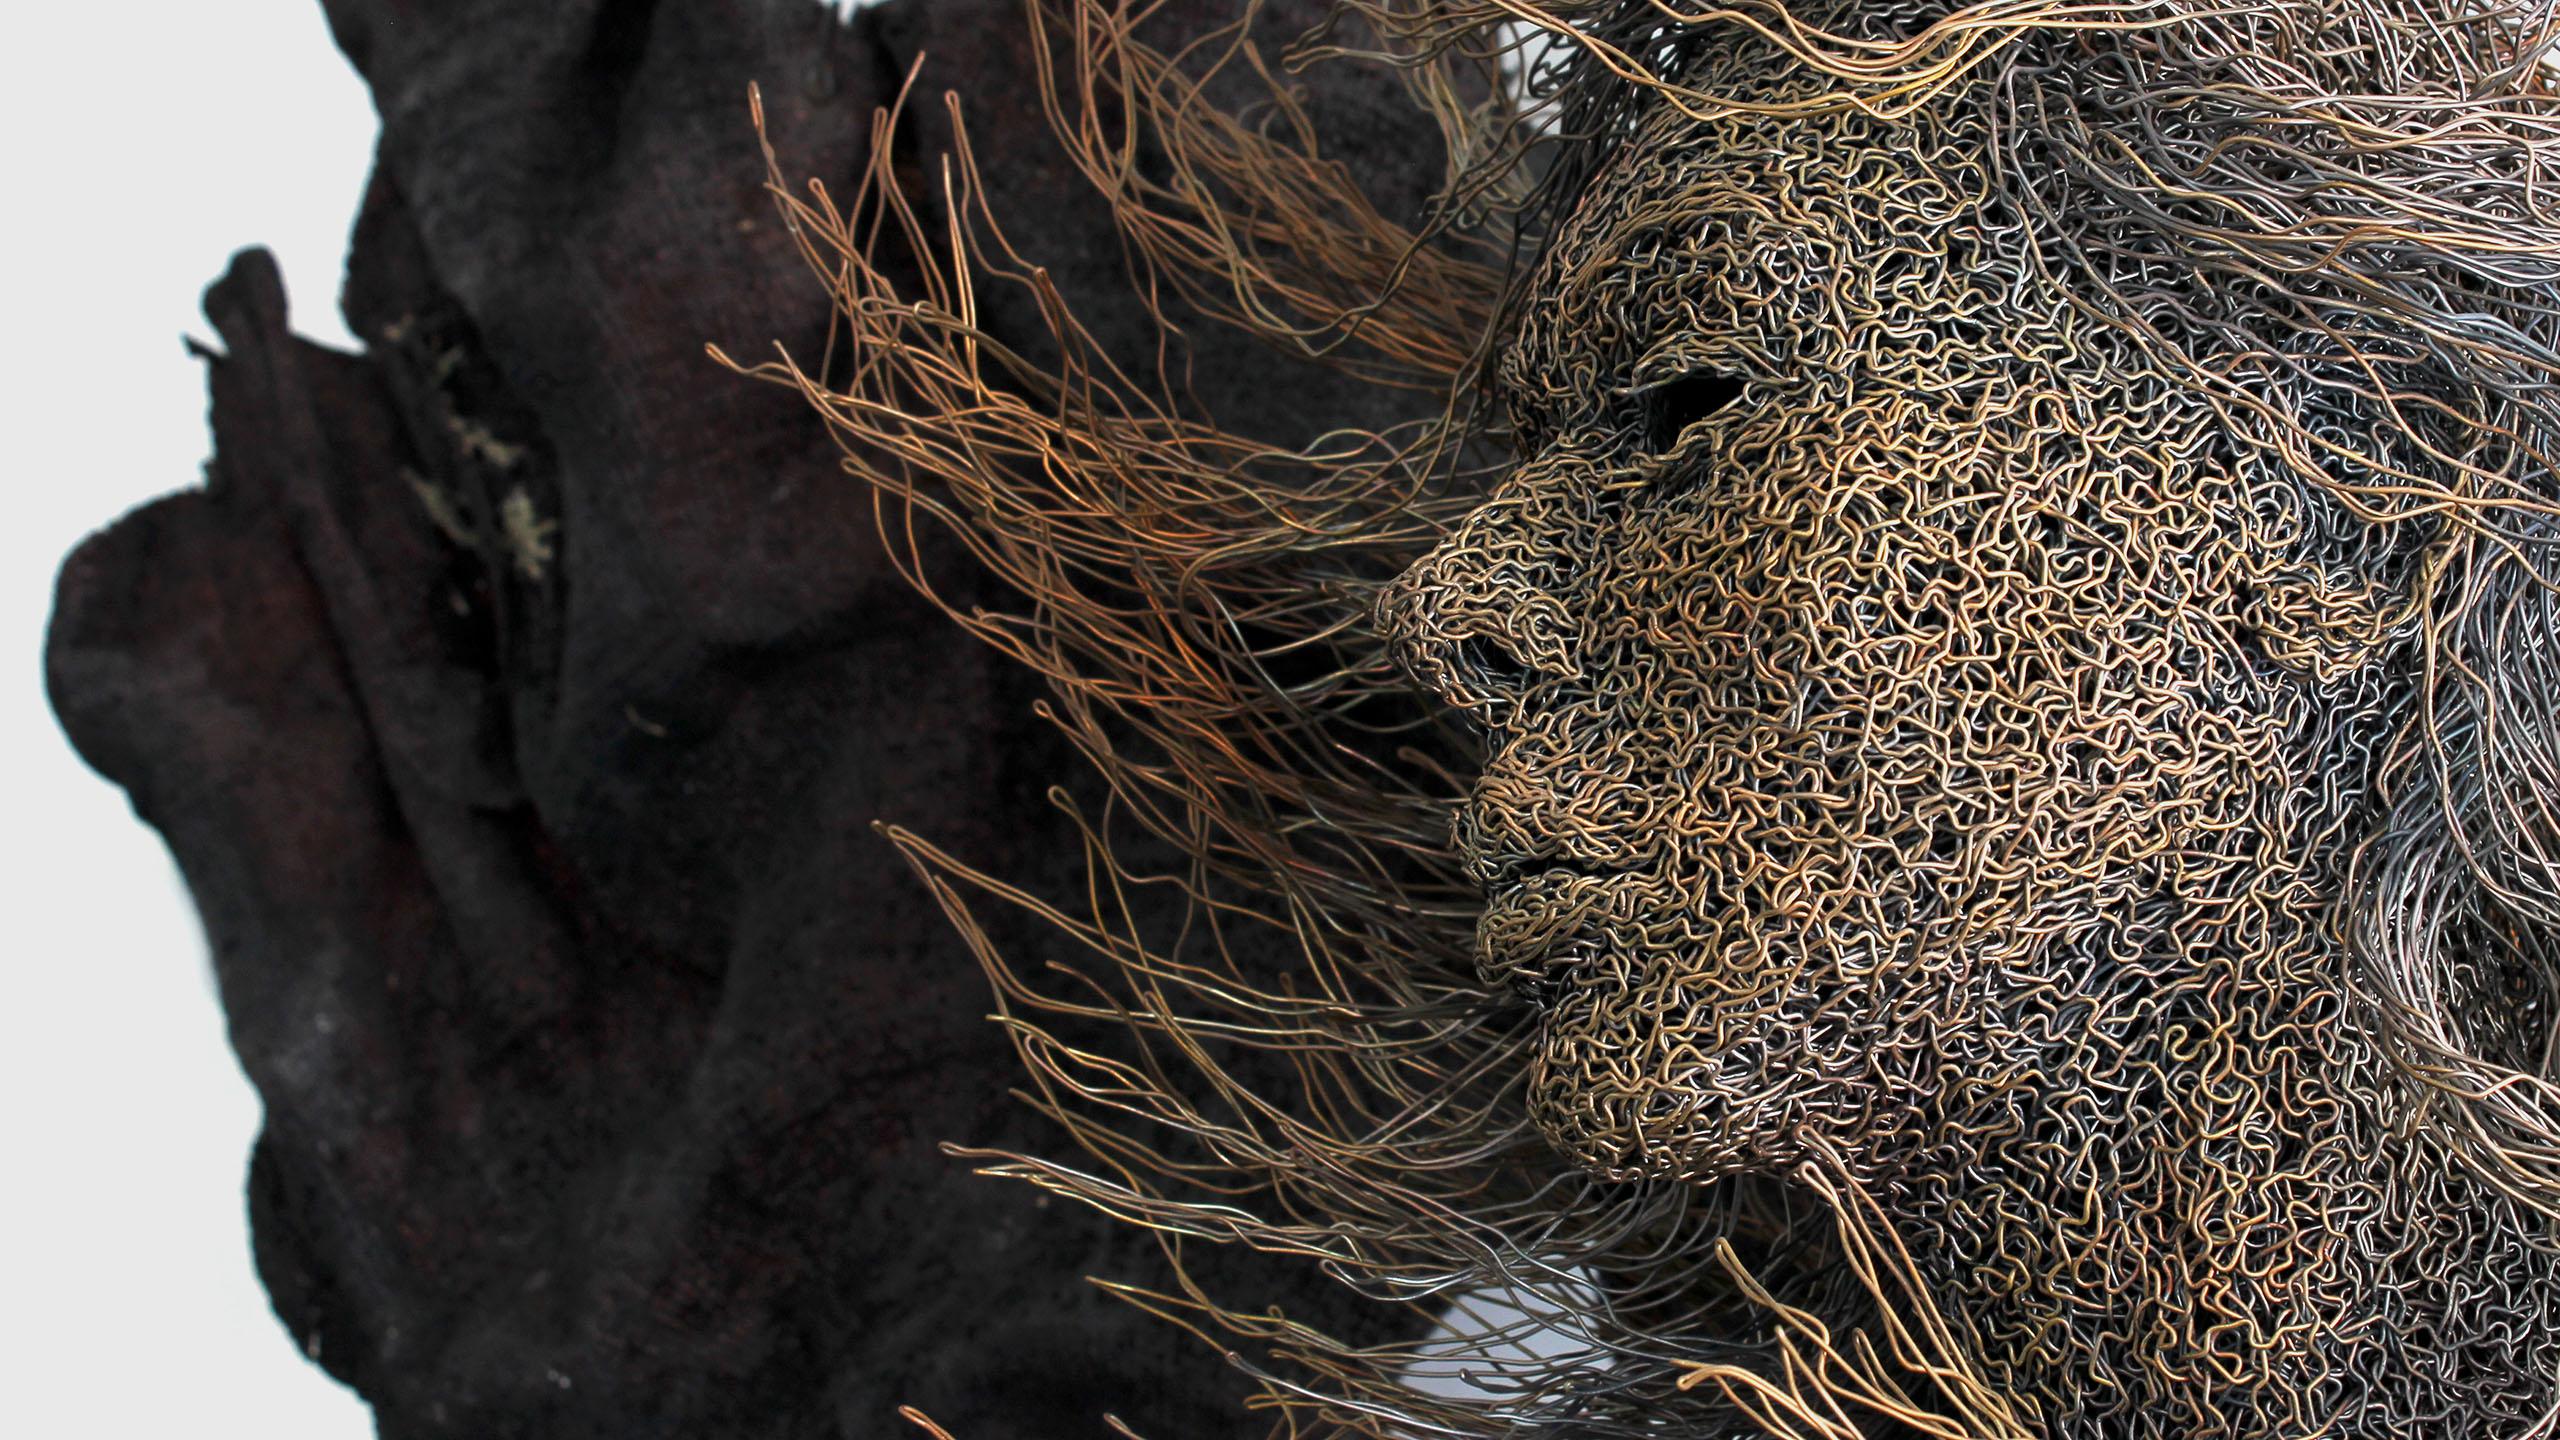 mattia-trotta-artista-scultore-arte-sacra-sculture-su-commissione-in-filo-metallico-ferro-bronzo-acciaio-alluminio-4